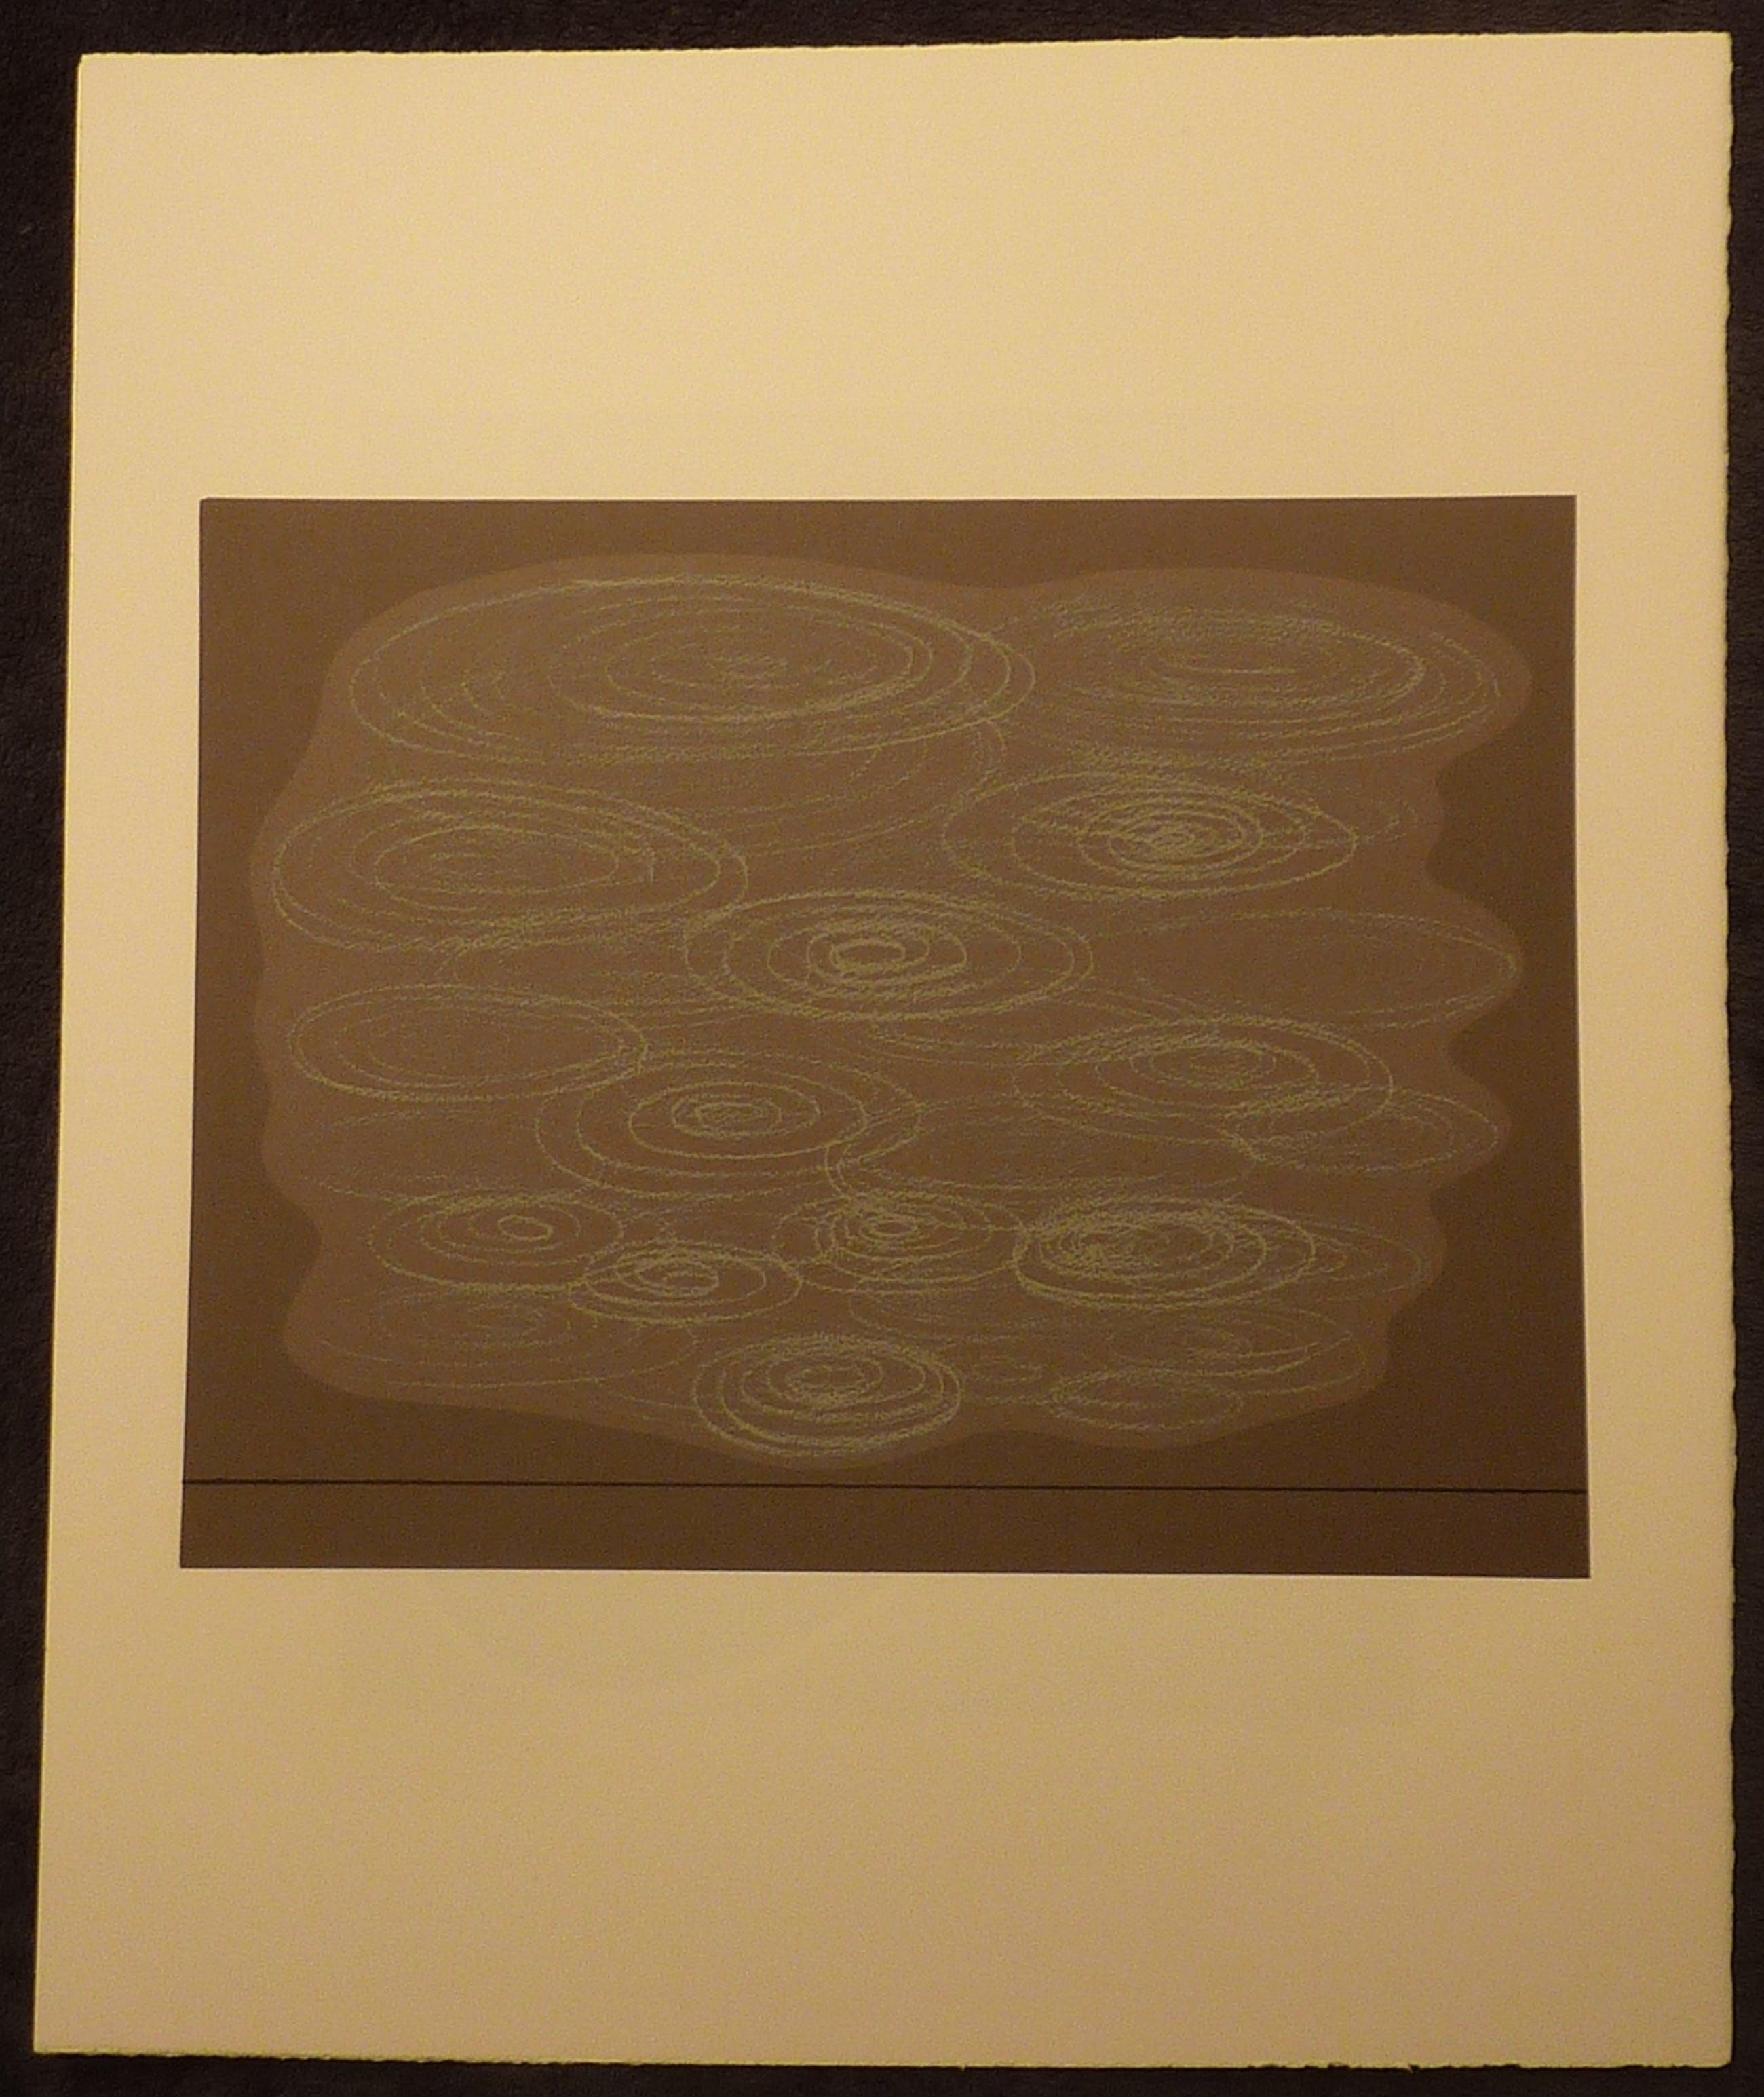 Victor Vasarely - Kunstboek/portfolio 'Octal' met 9 kleurenlitho's kopen? Bied vanaf 600!